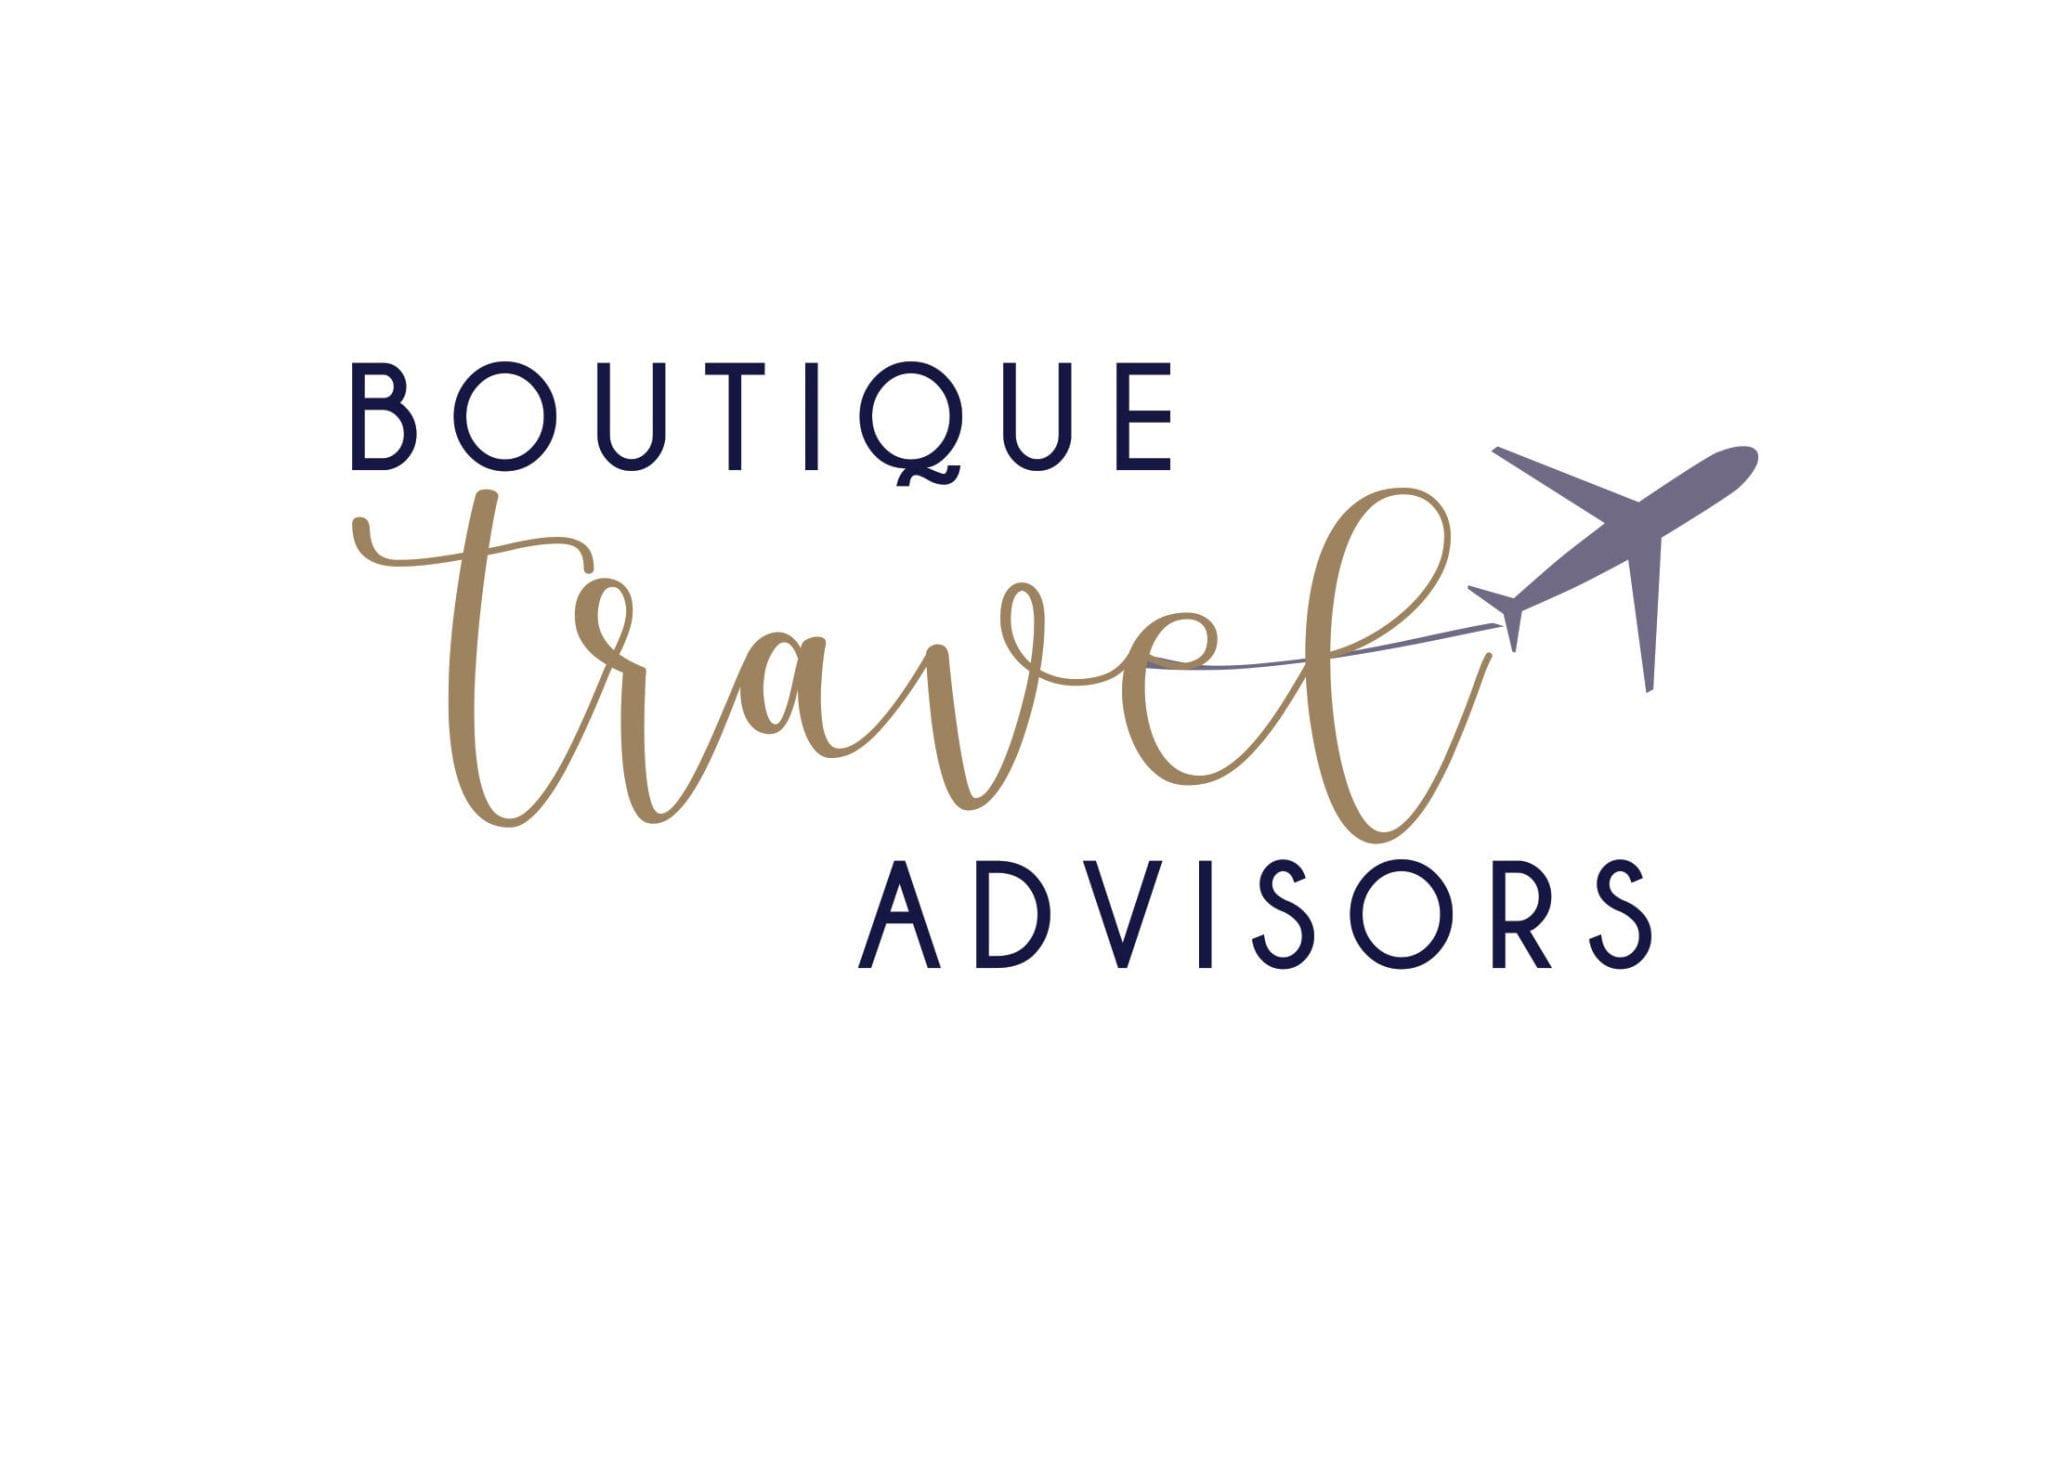 Boutique-Travel-Advisor-Logo.jpg